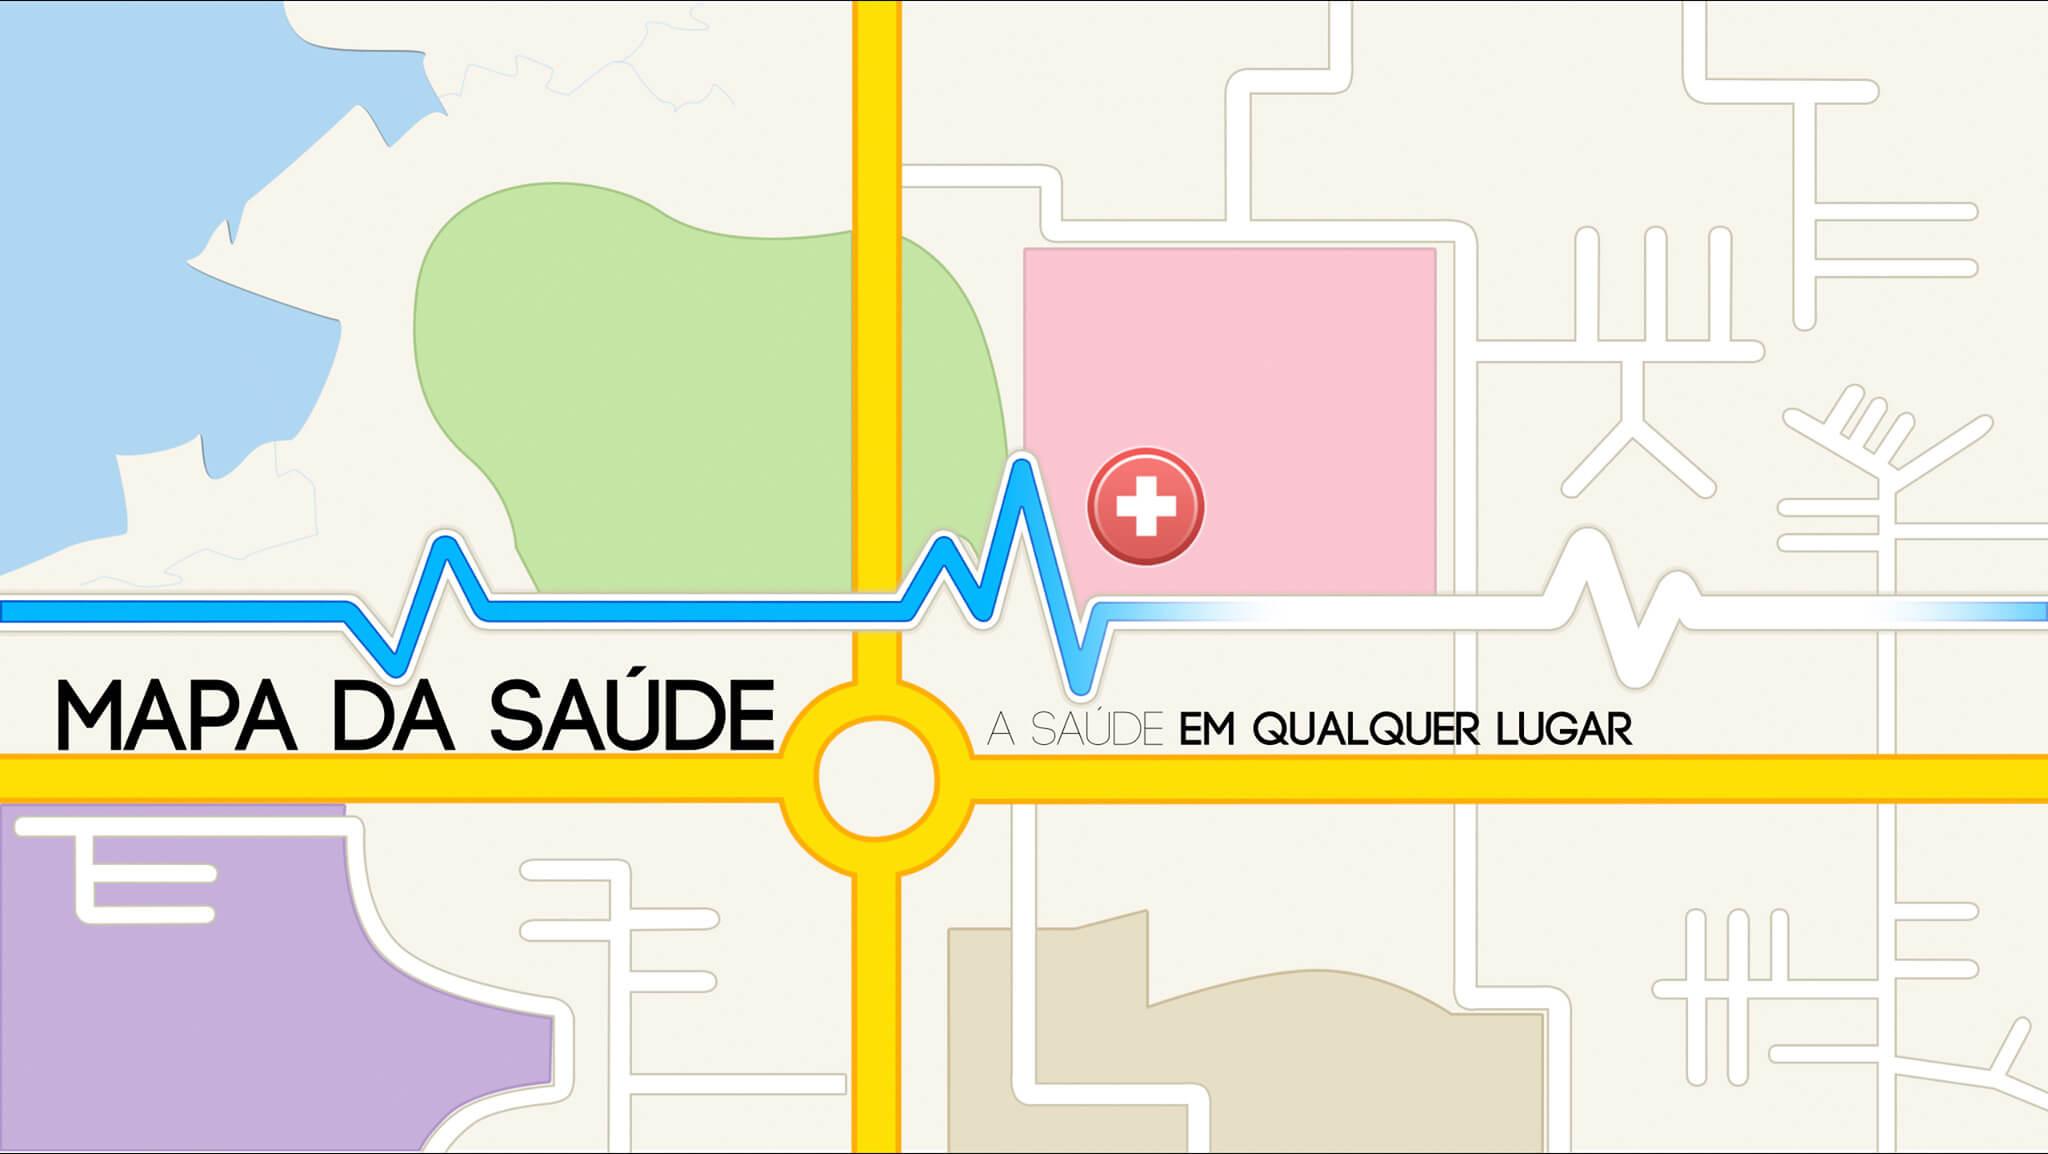 Mapa da Saúde